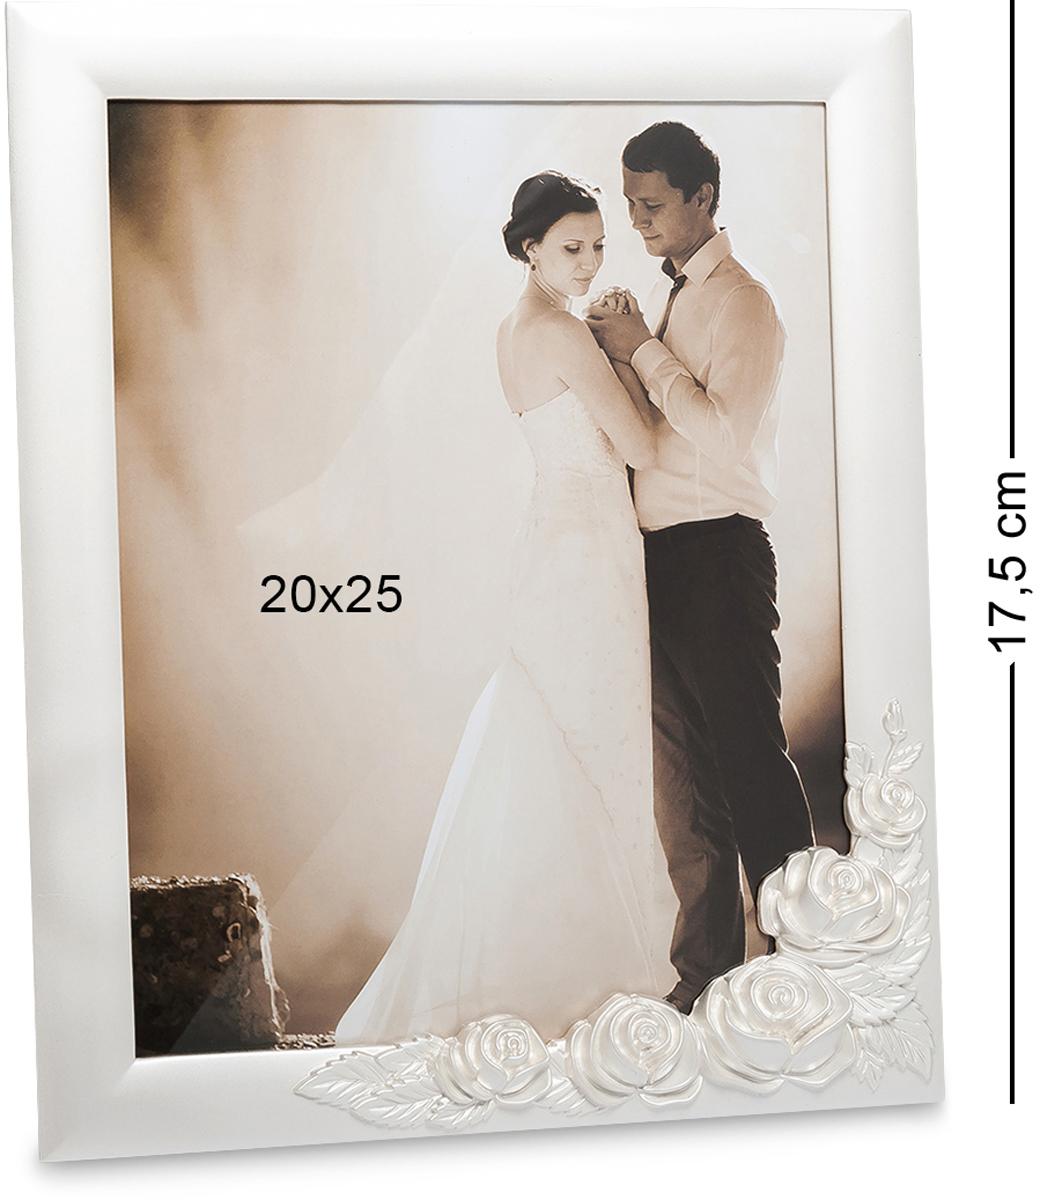 Фоторамка Bellezza Casa Белая роза, фото 20х25. CHK-16274-0120Фоторамка для фотографий 20х25 см.Удивительно нежная и изящная фоторамка выполнена из металла. Лаконичная и простая, она украшена ассиметричным узором из неброских роз, и выглядит очень романтично. В такую рамку можно вставлять фото с самыми светлыми, памятными, счастливыми моментами жизни, чтобы можно было много раз вспоминать их и невольно улыбаться приятным воспоминаниям. Изделие пронизано нежностью, теплотой и любовью.